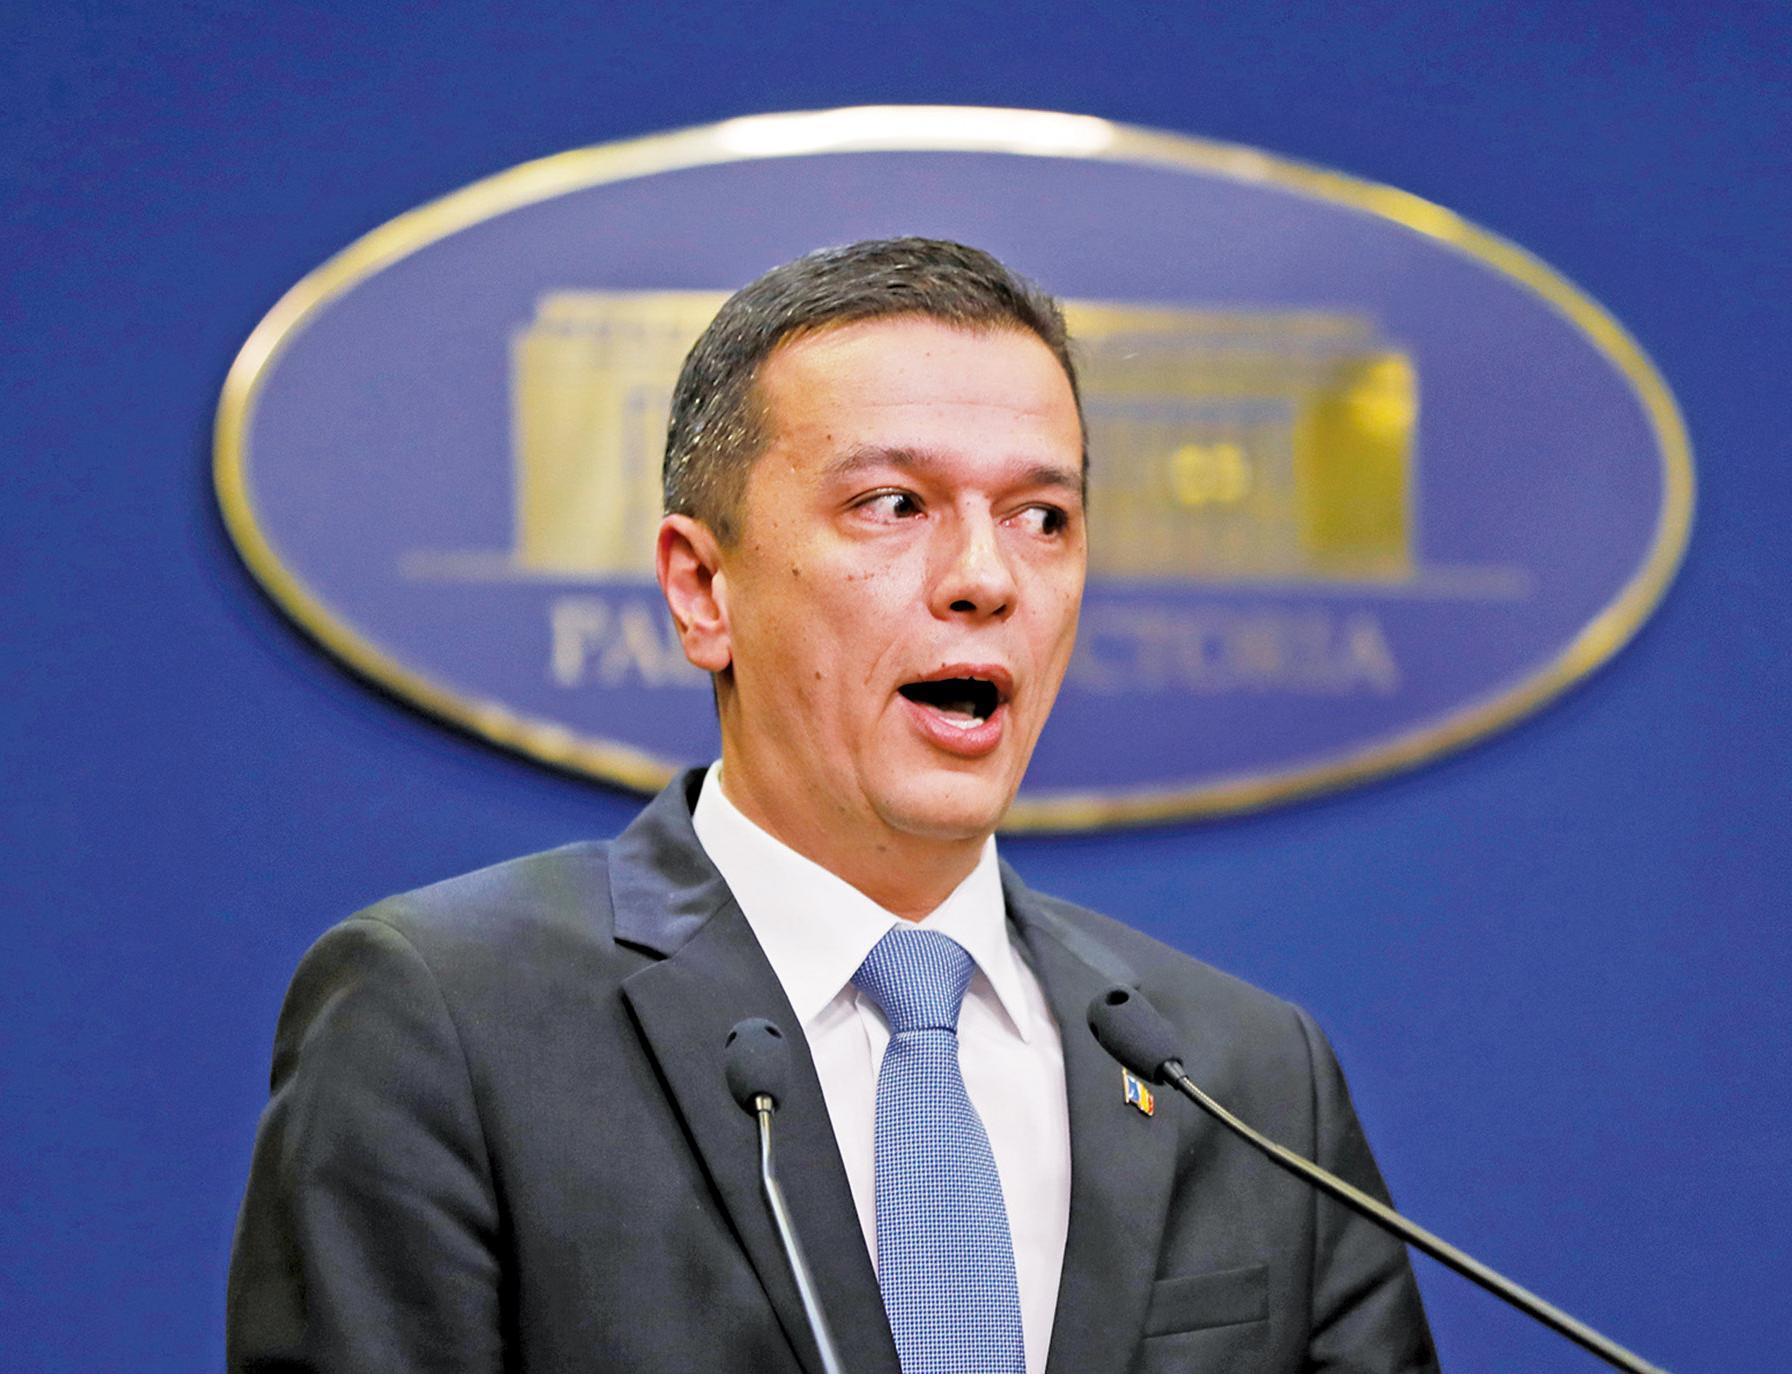 羅馬尼亞撤貪腐免罪令